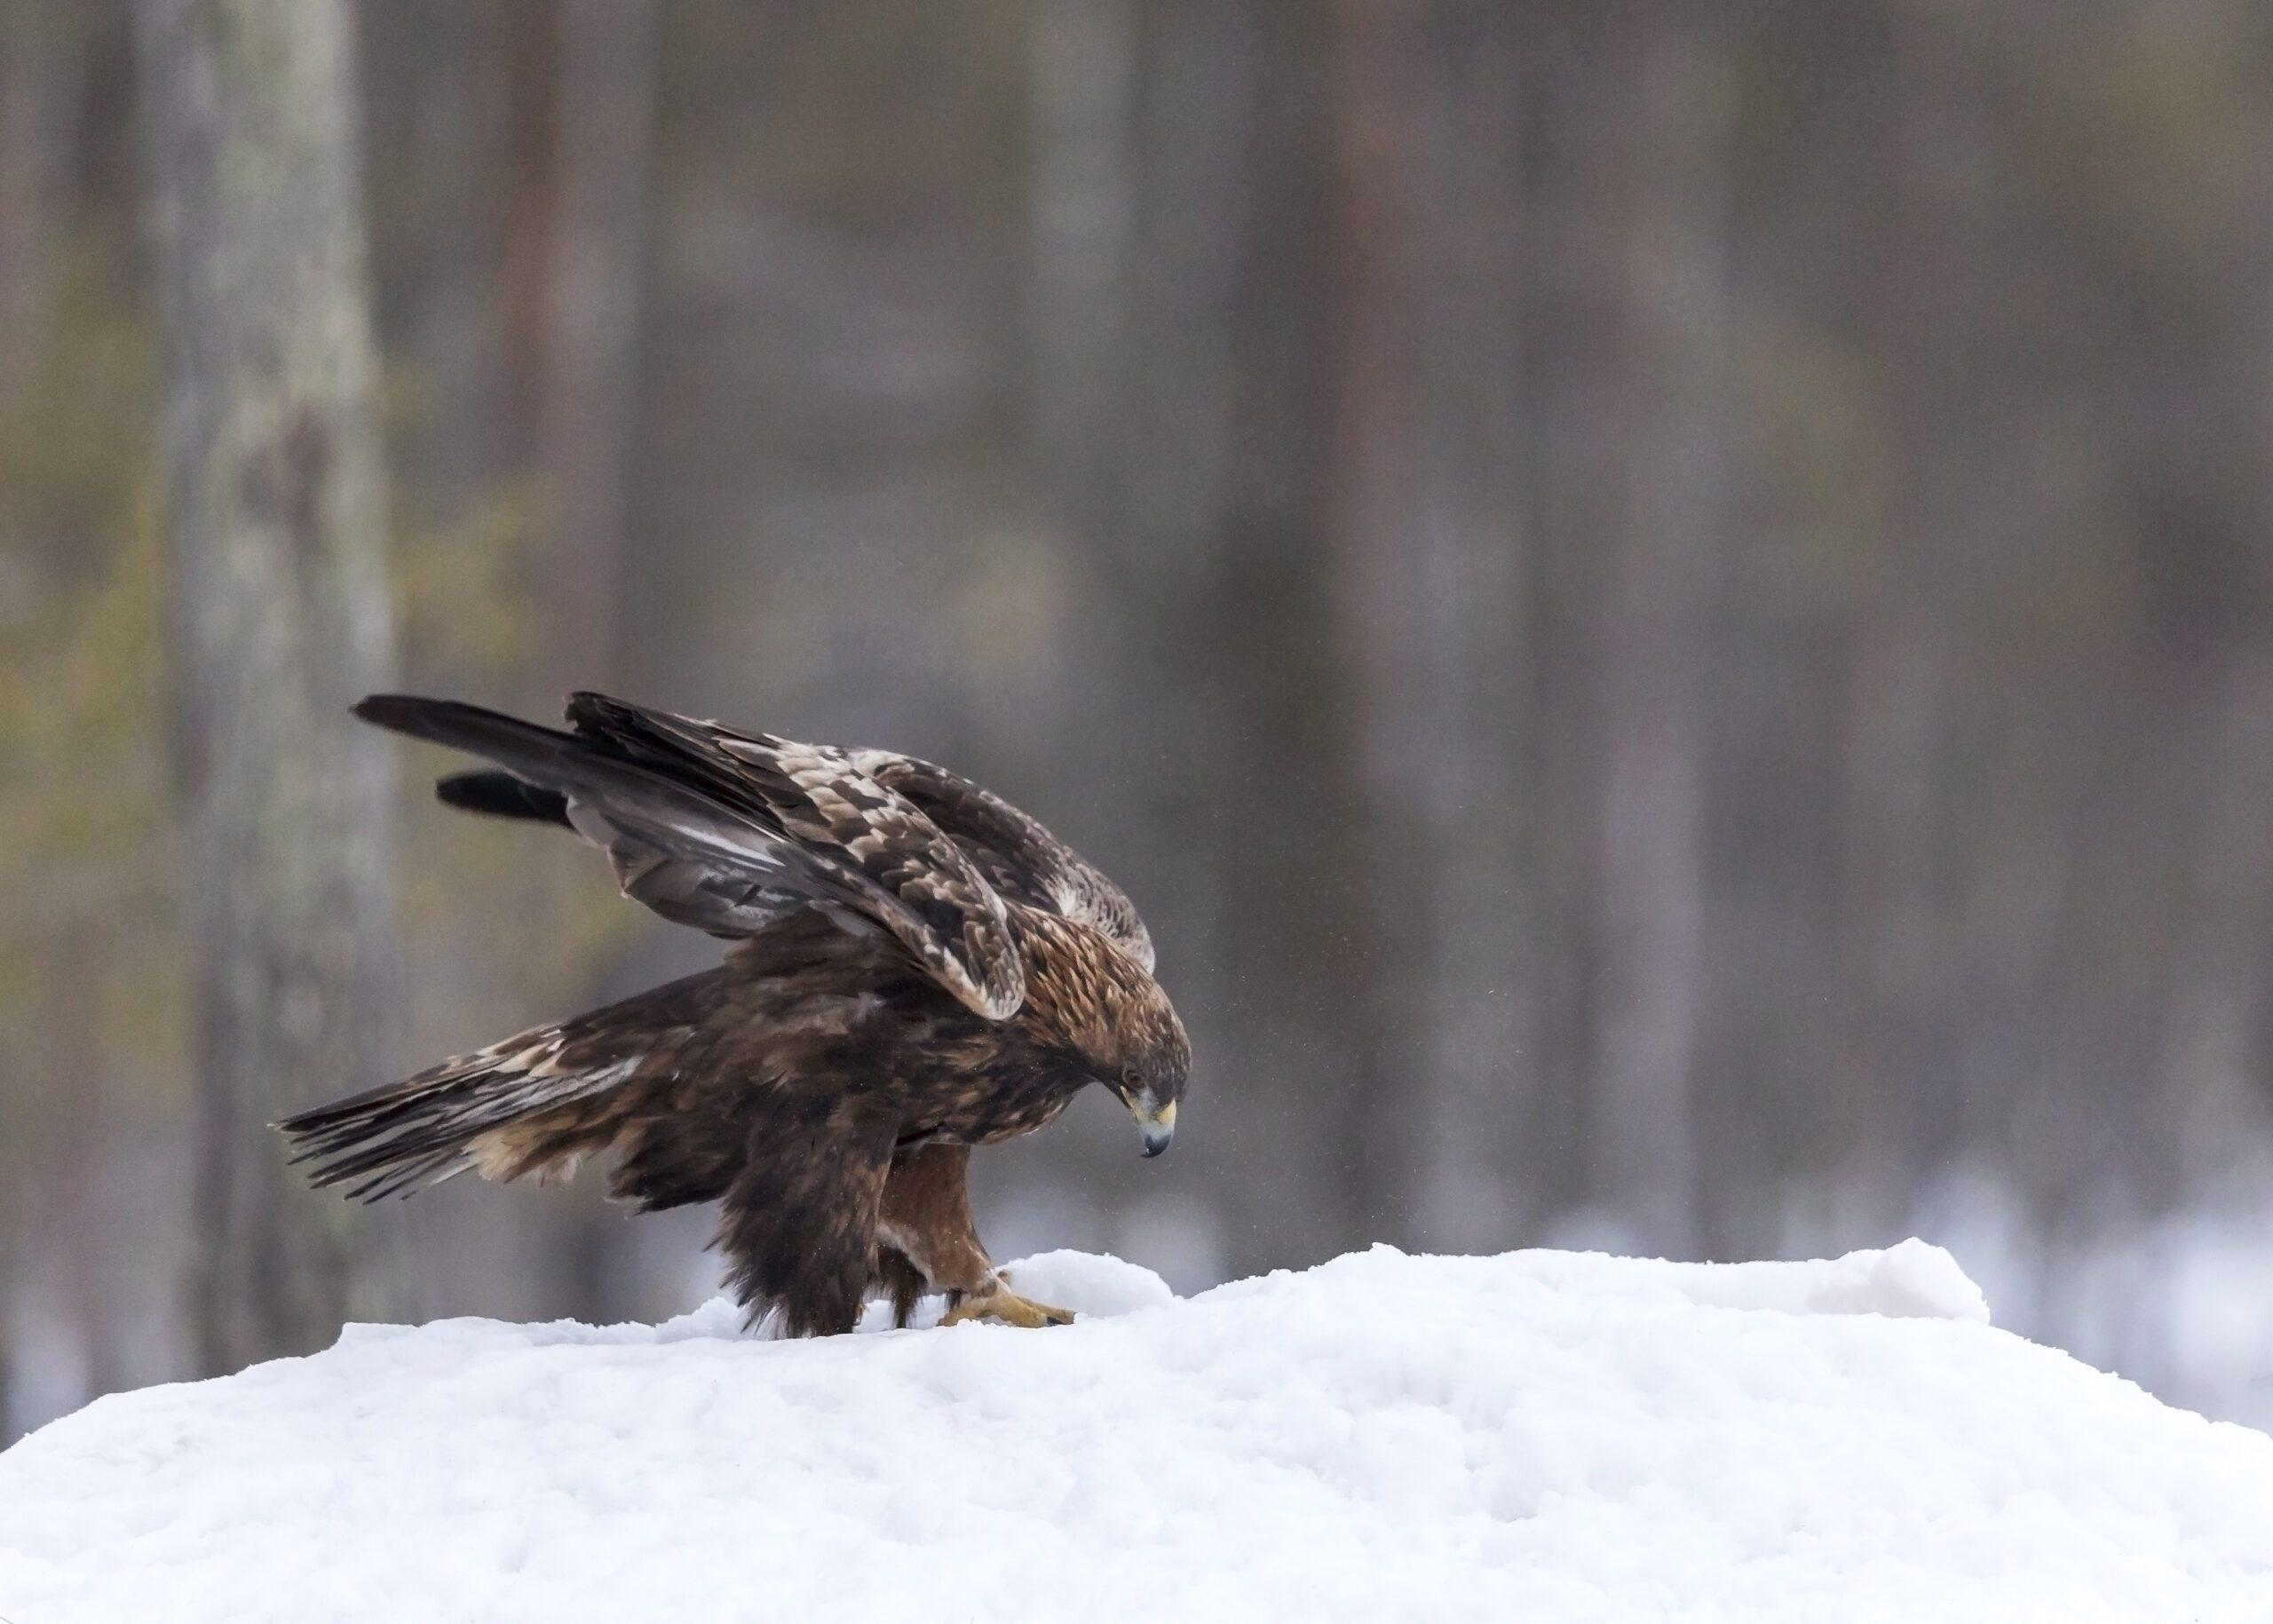 Golden Eagle wings open